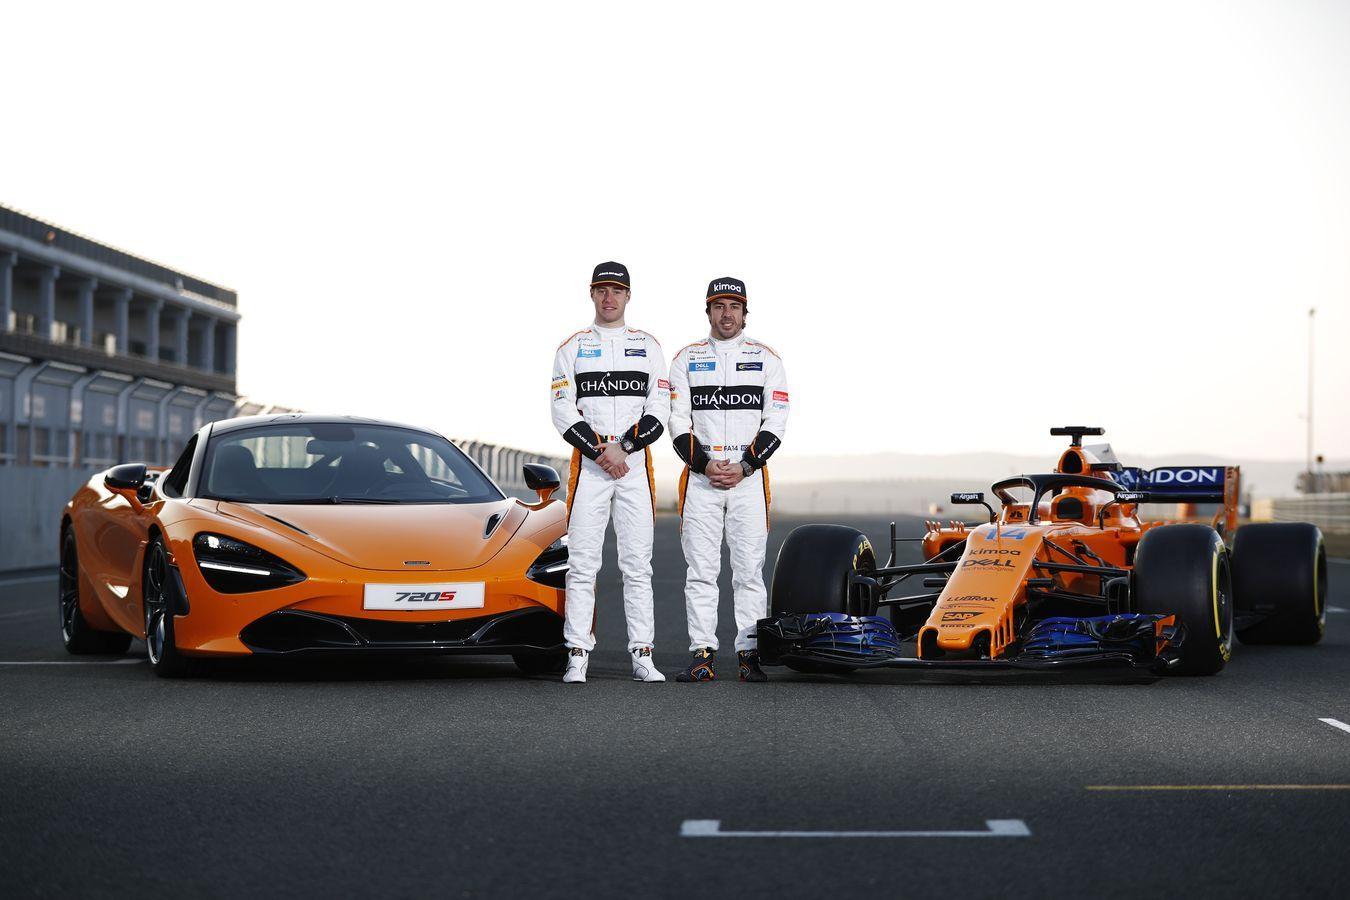 Met deze McLaren-Renault MCL33 zal Stoffel Vandoorne schitteren